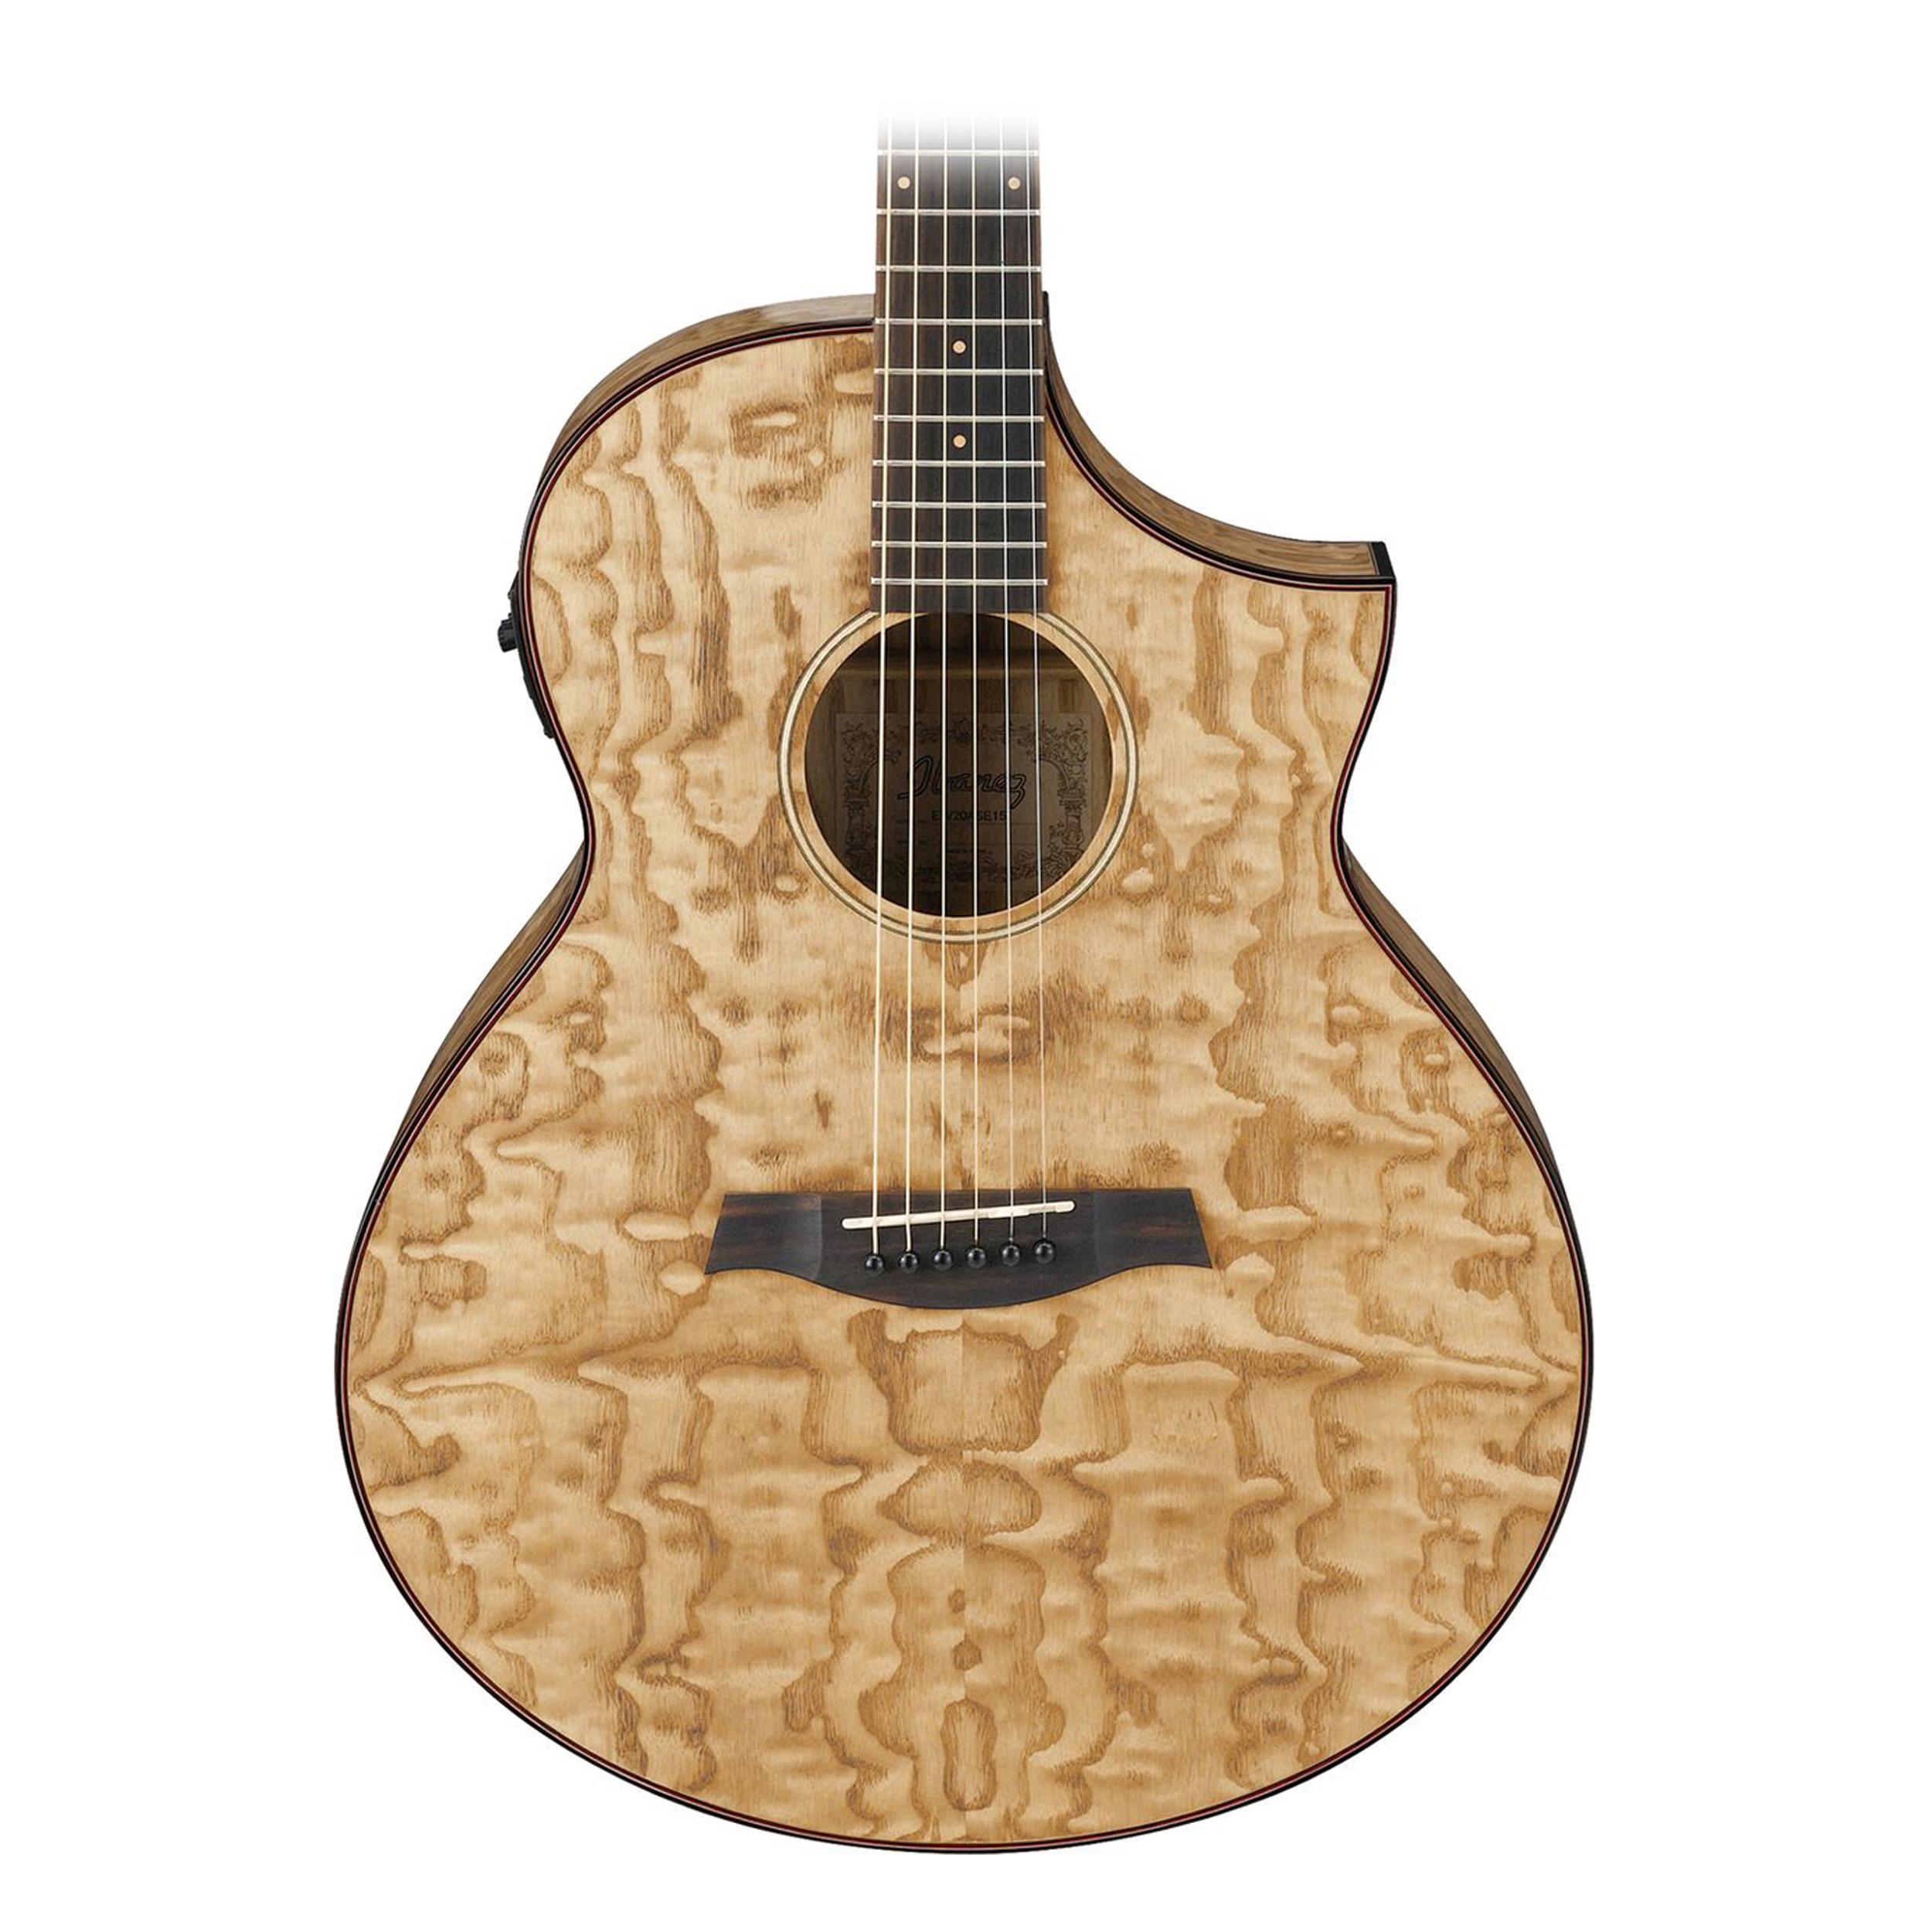 Exotic guitar